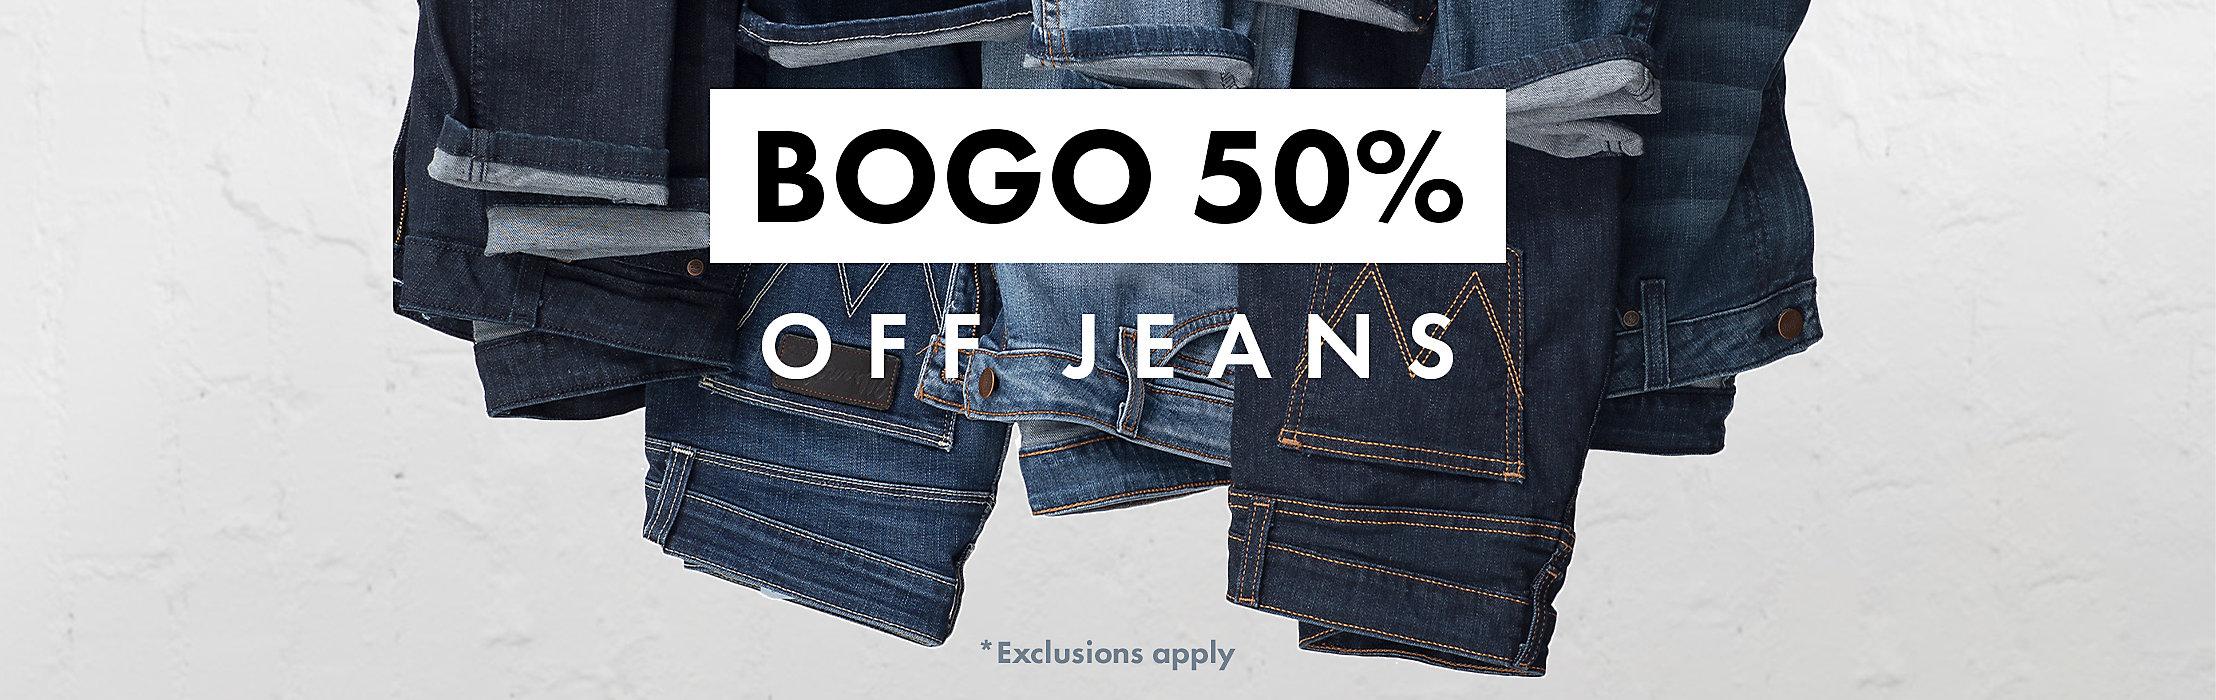 BOOGO 50% JEANS | SHOP NOW